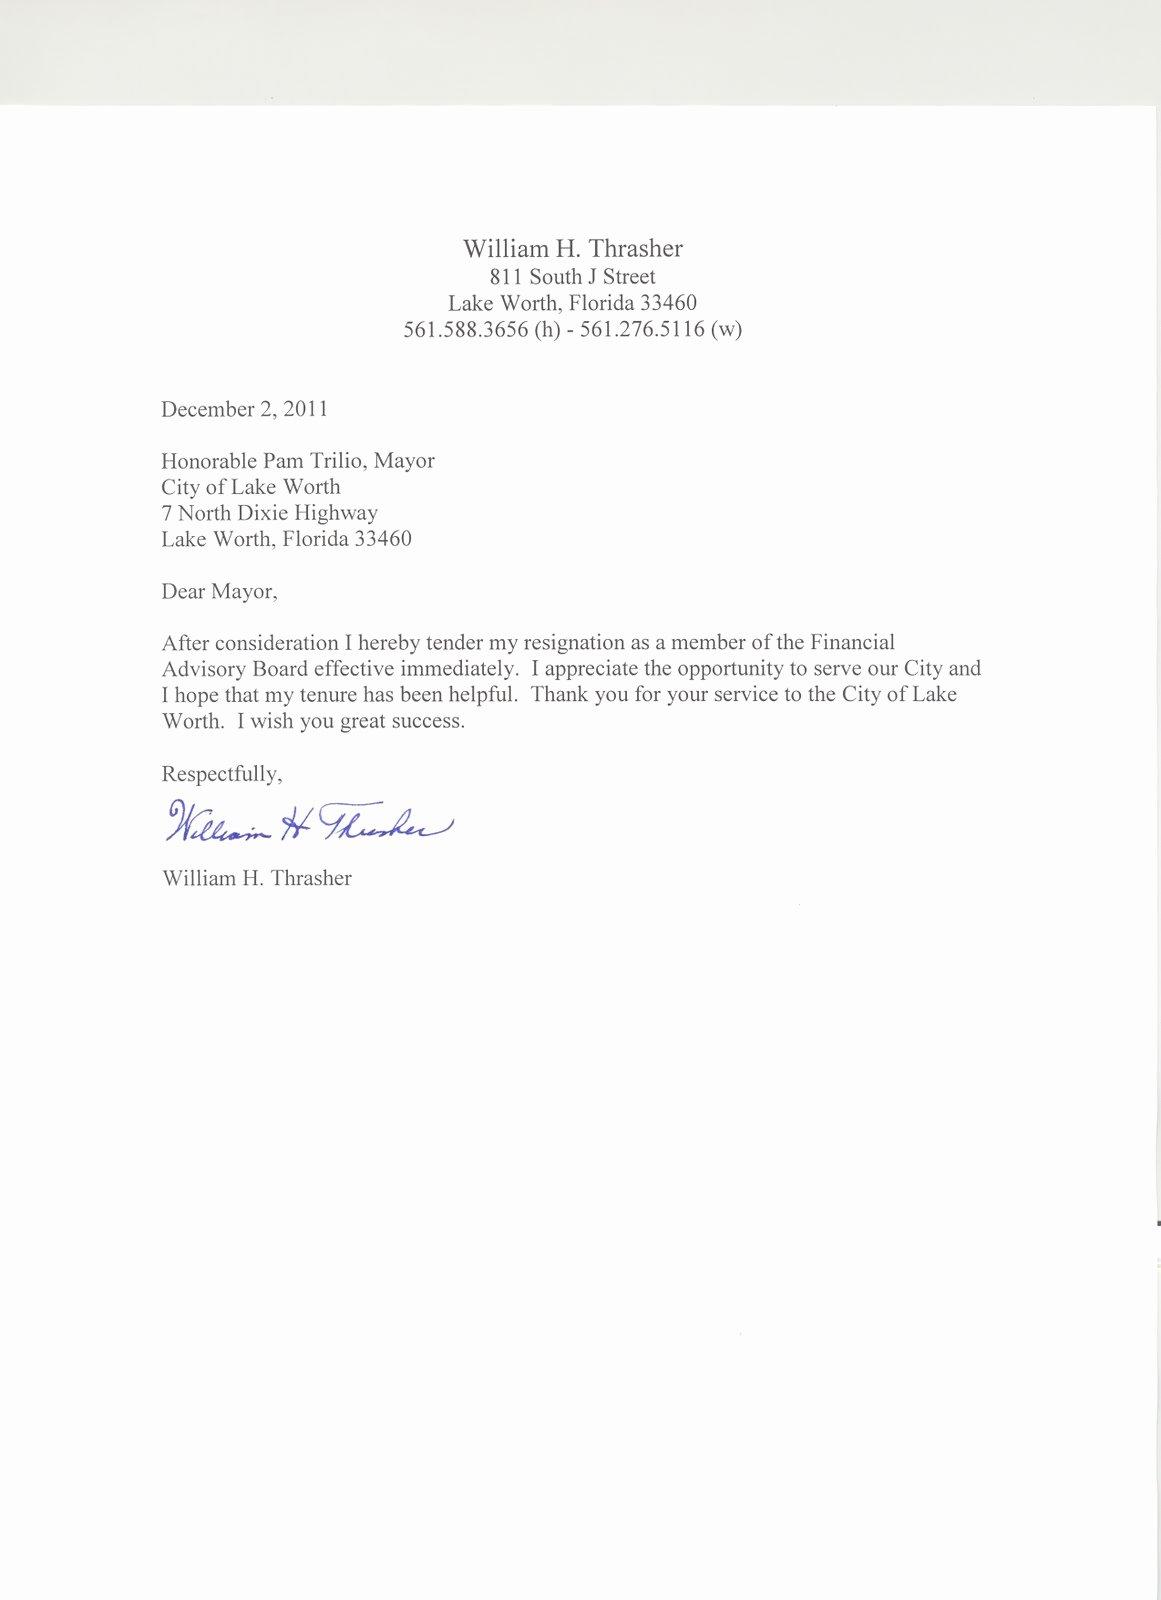 Resignation Letter Effective Immediately Fresh Lynn S Little Bit Of Trivia Bill Thrasher Resignation Letter